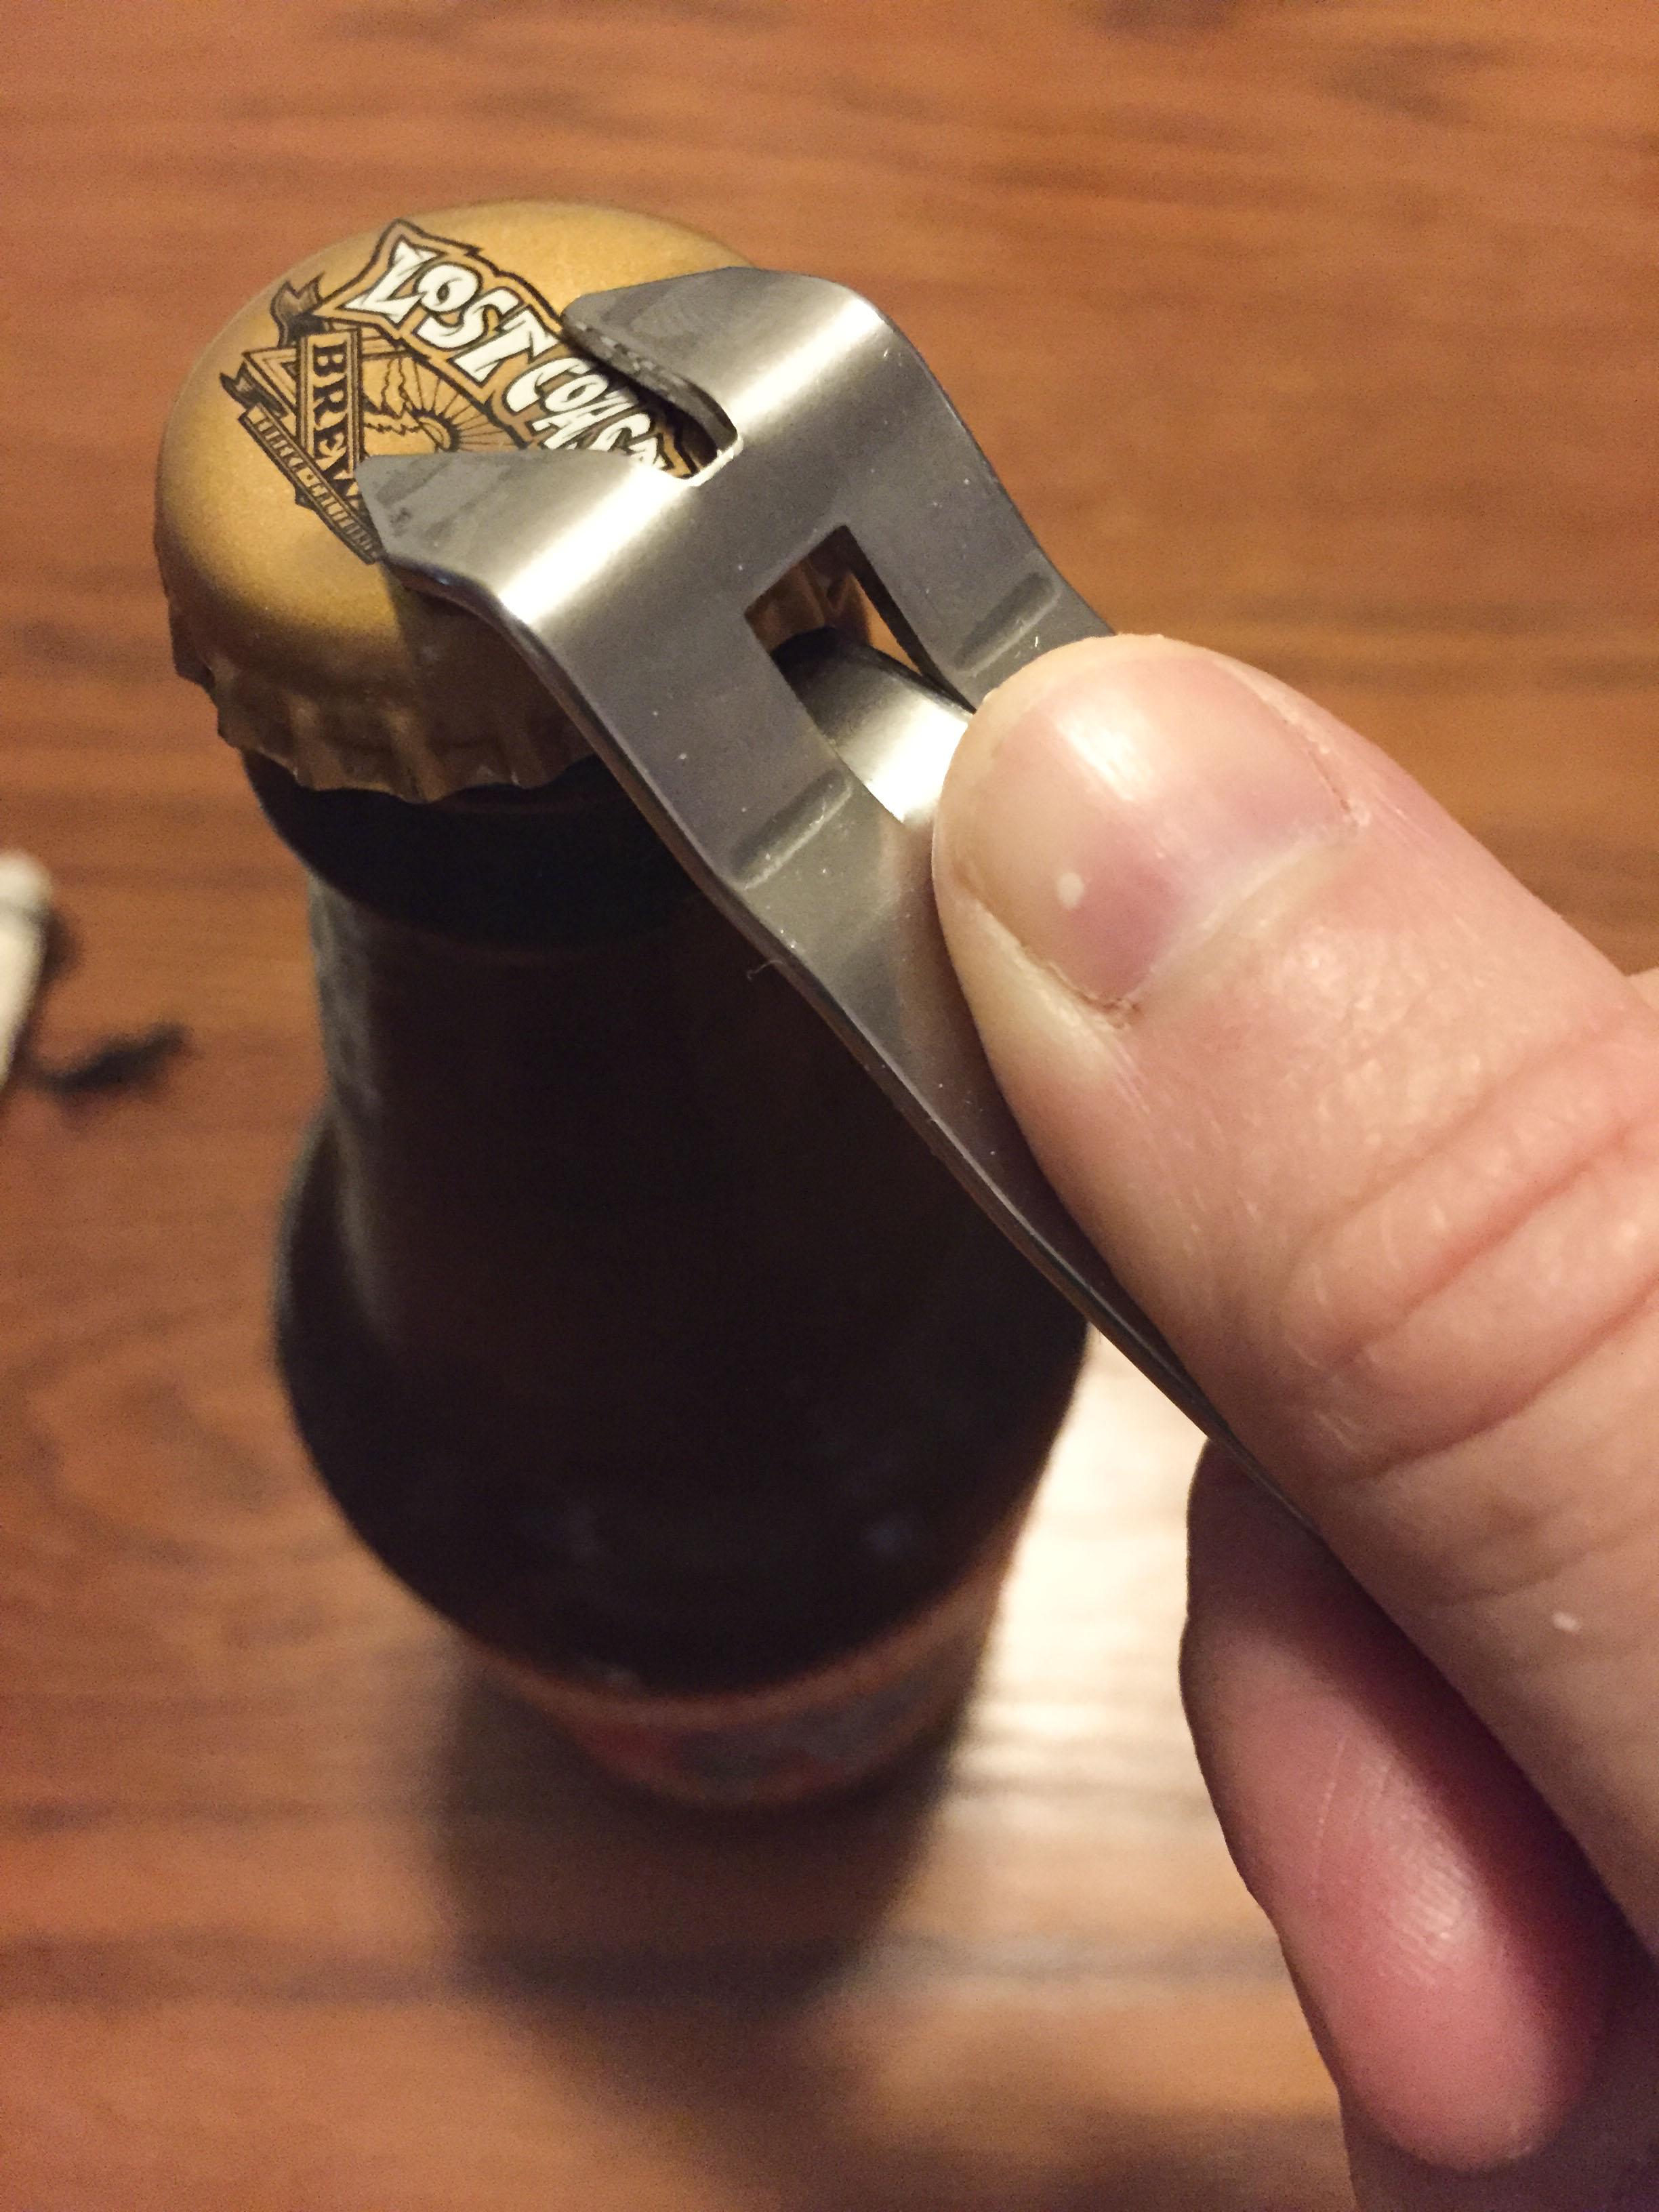 bottle_open(2).jpg